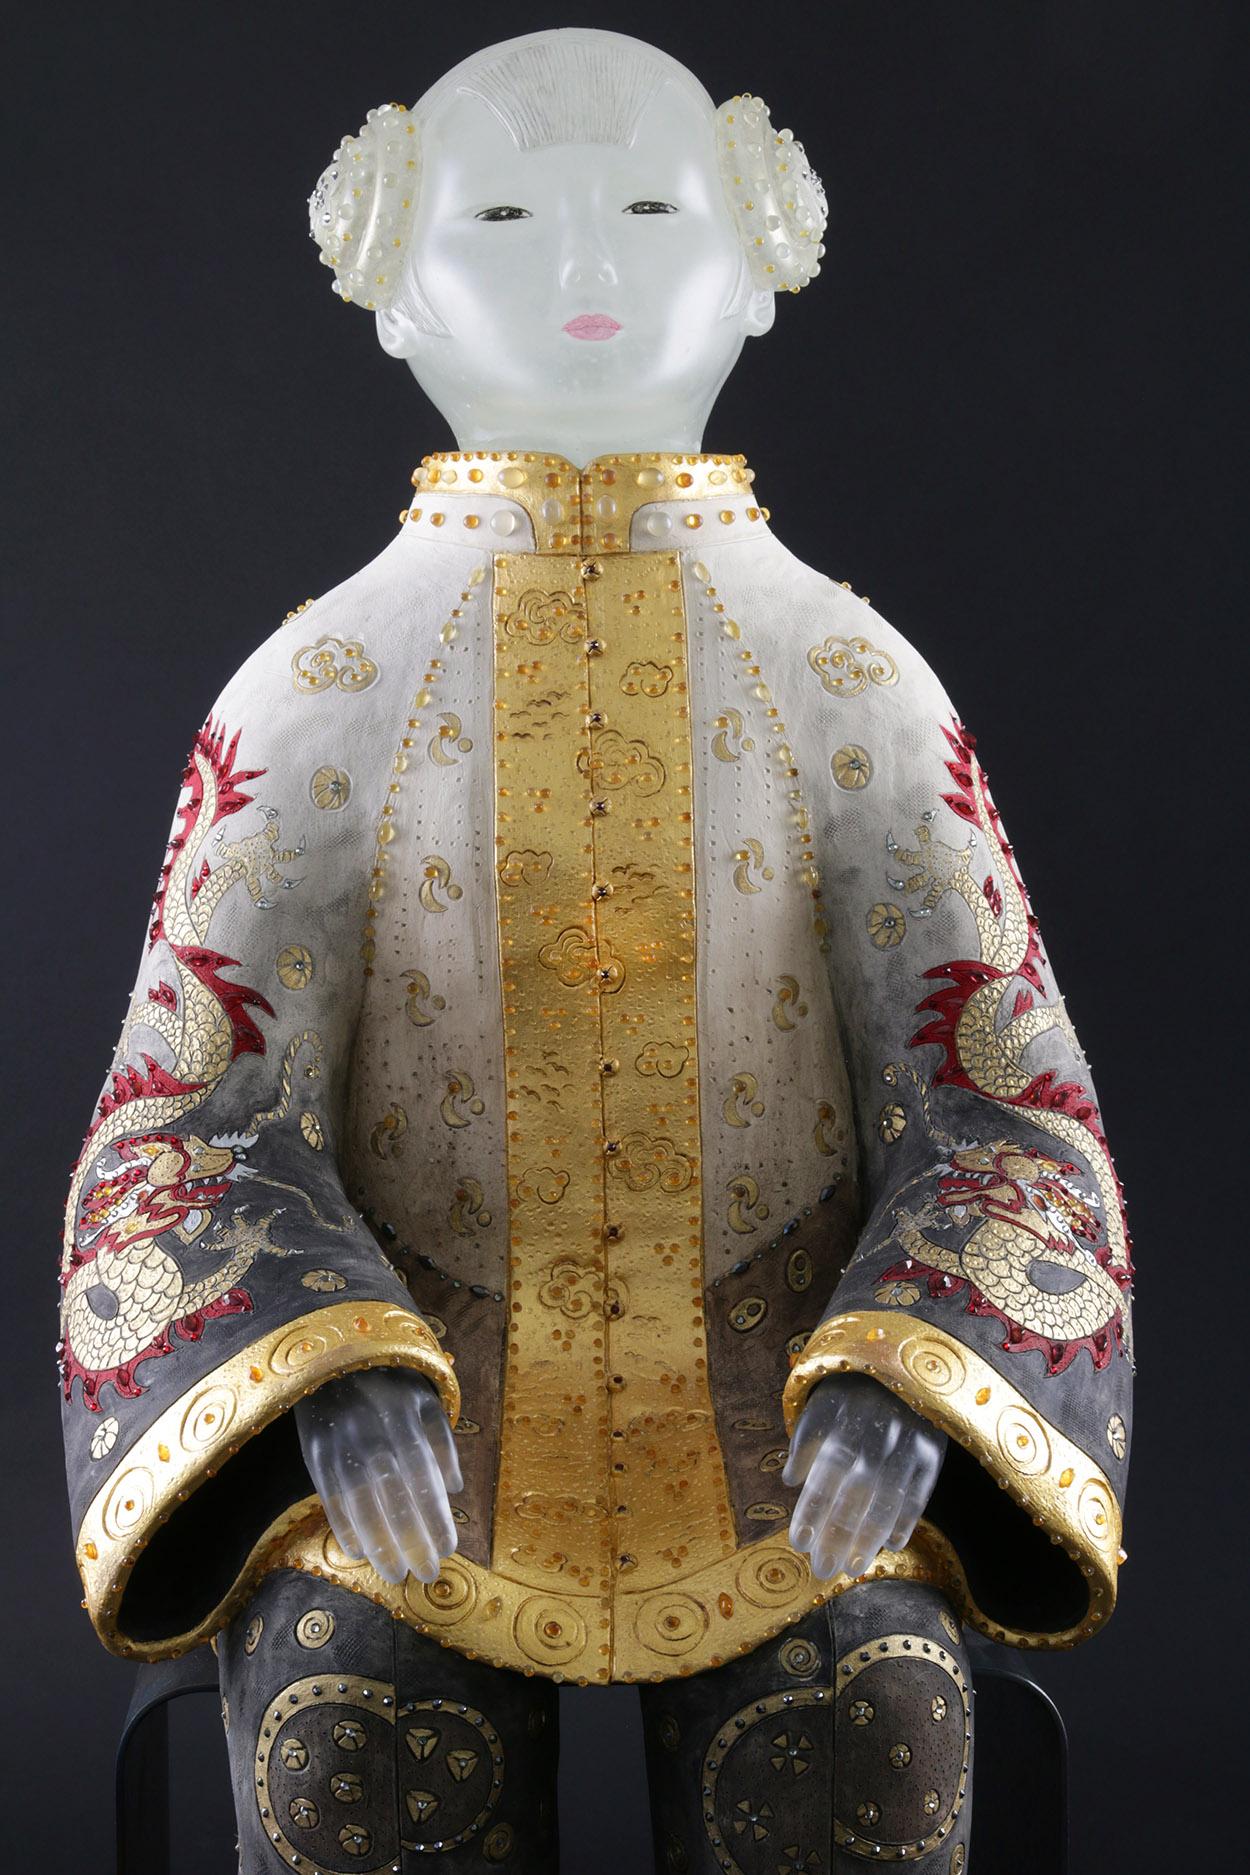 Vivian Wang Glass Sculpture